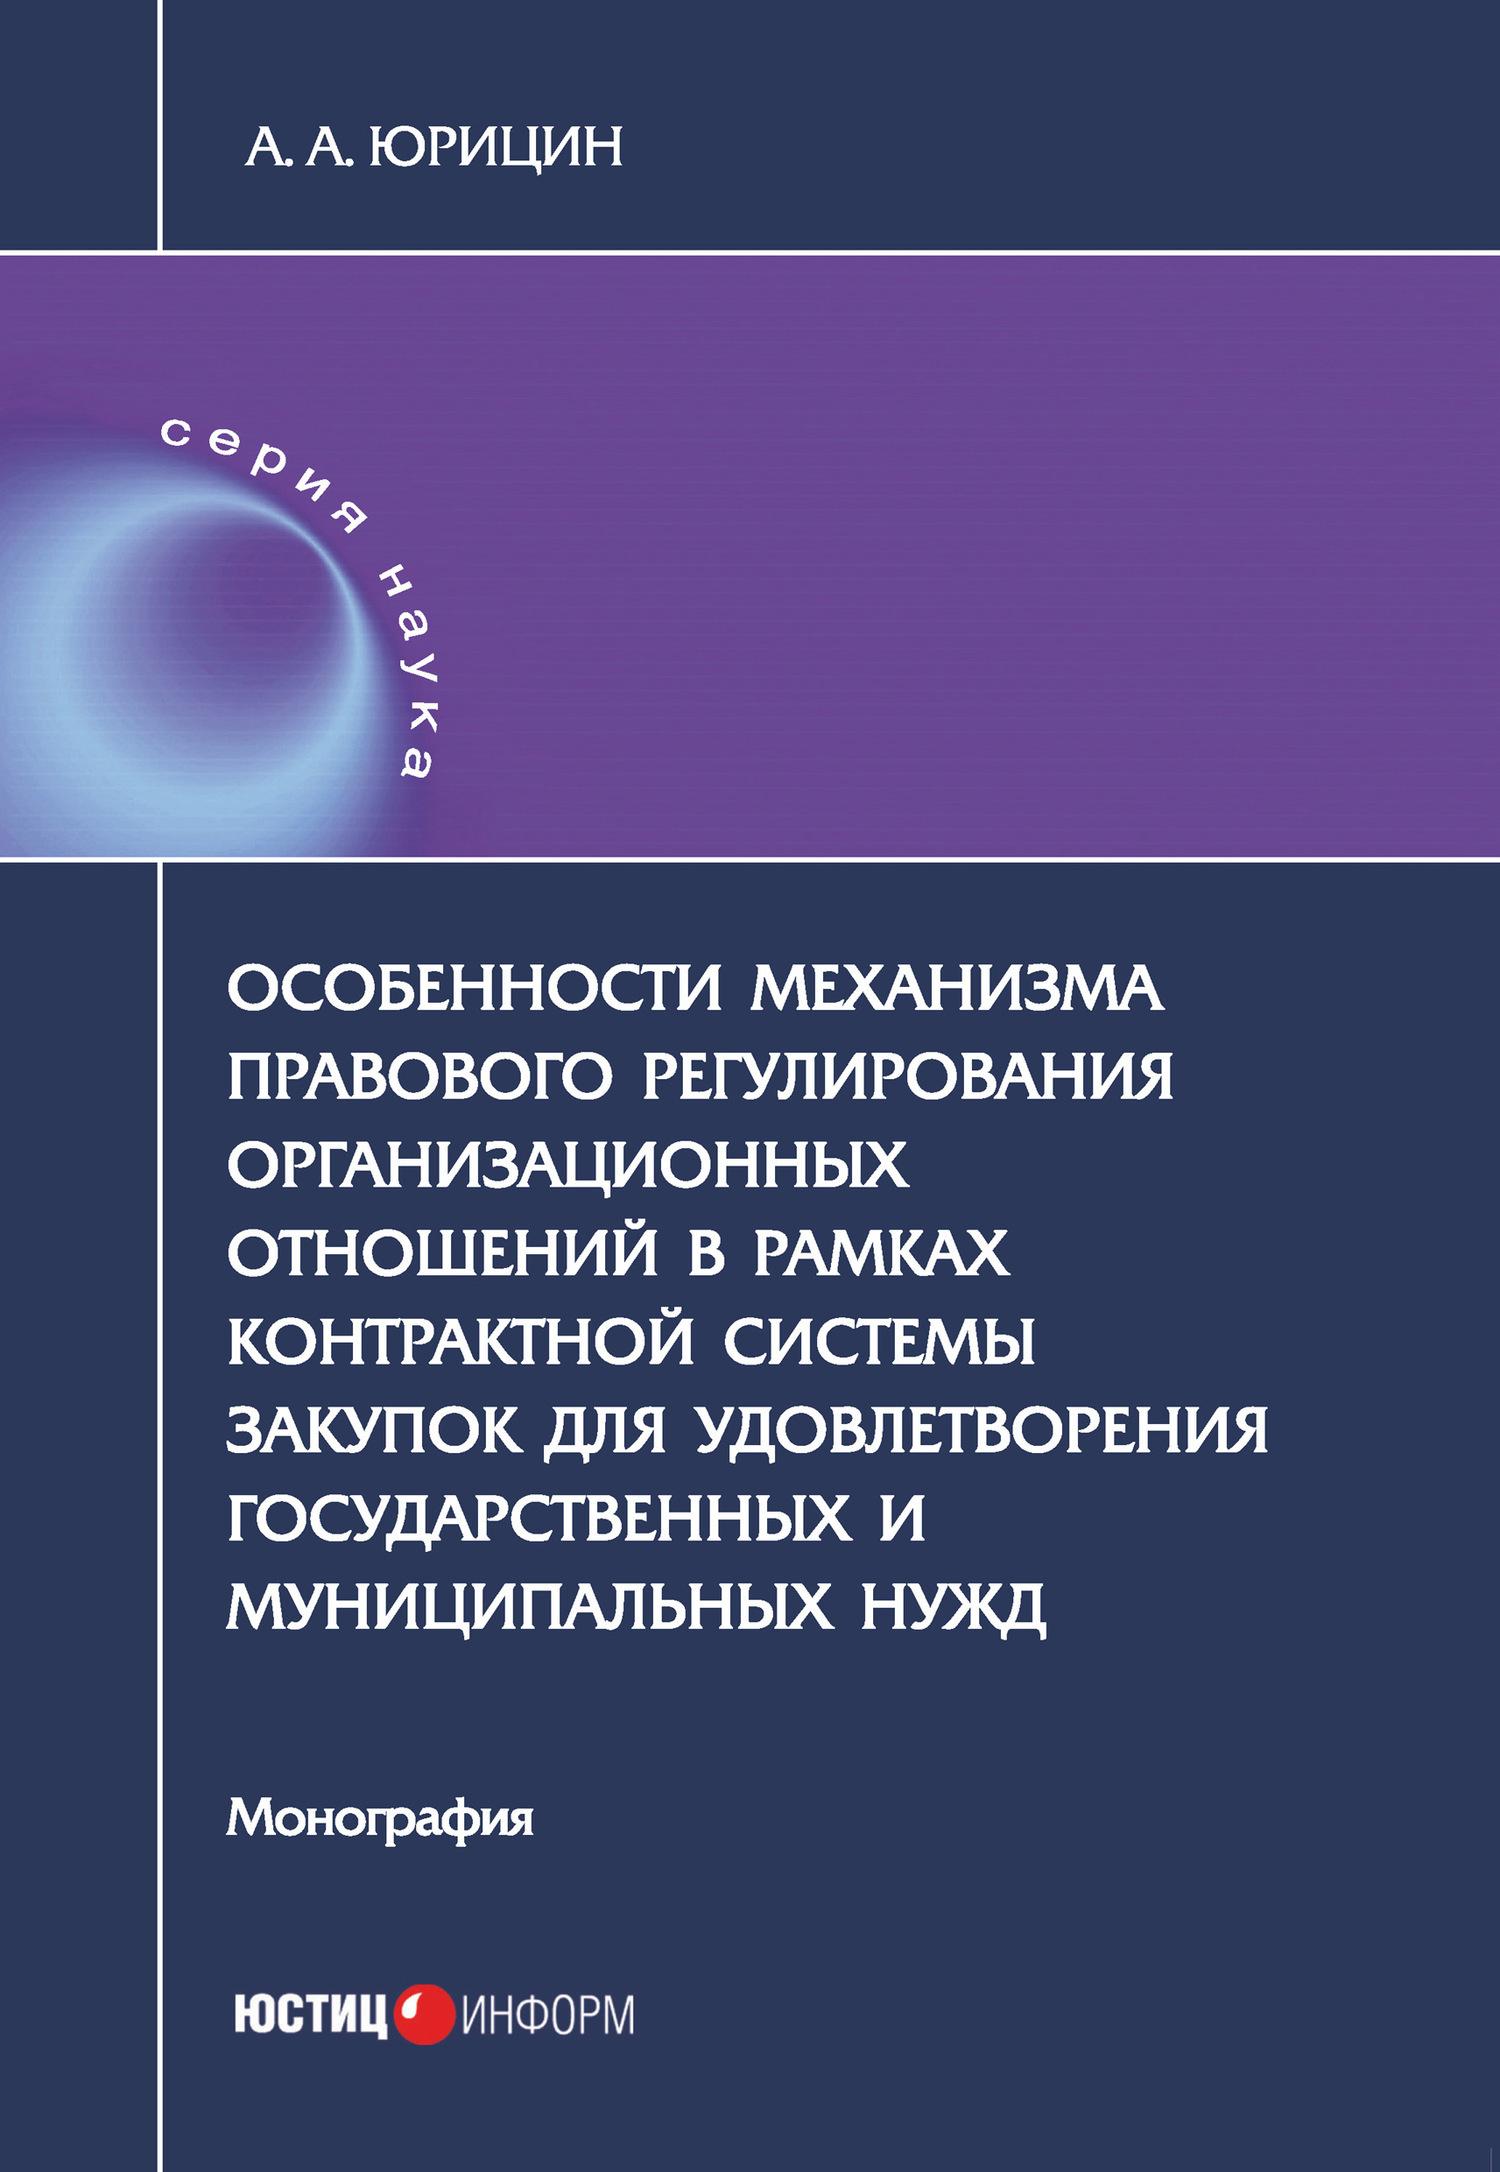 Обложка книги. Автор - Александр Юрицин